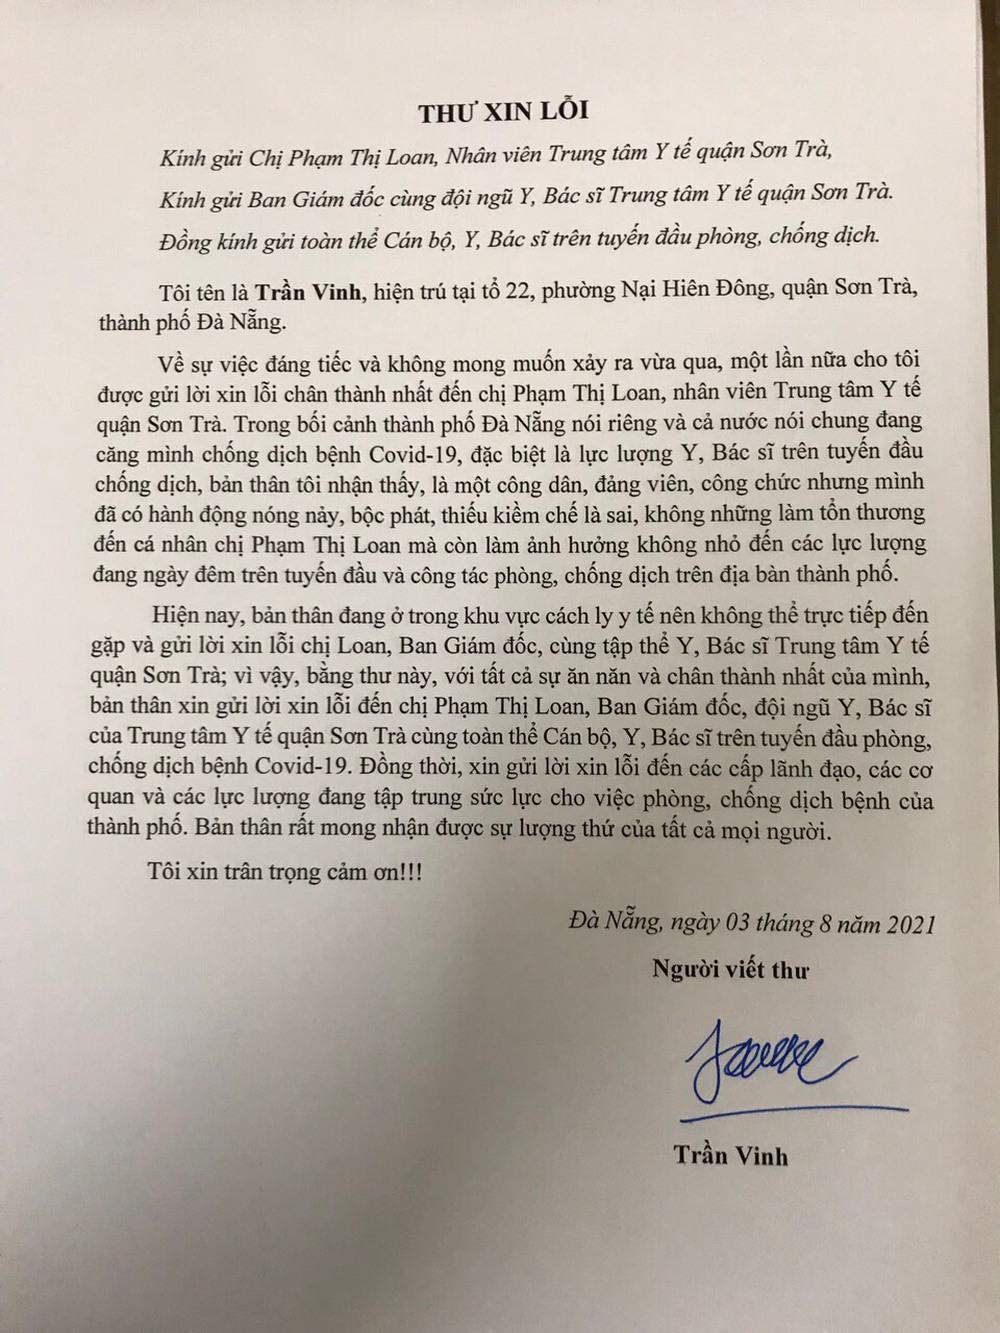 Phó chánh văn phòng đoàn ĐBQH và HĐND xô xát với nữ nhân viên y tế: Gửi thư xin lỗi, mong được lượng thứ - Ảnh 2.